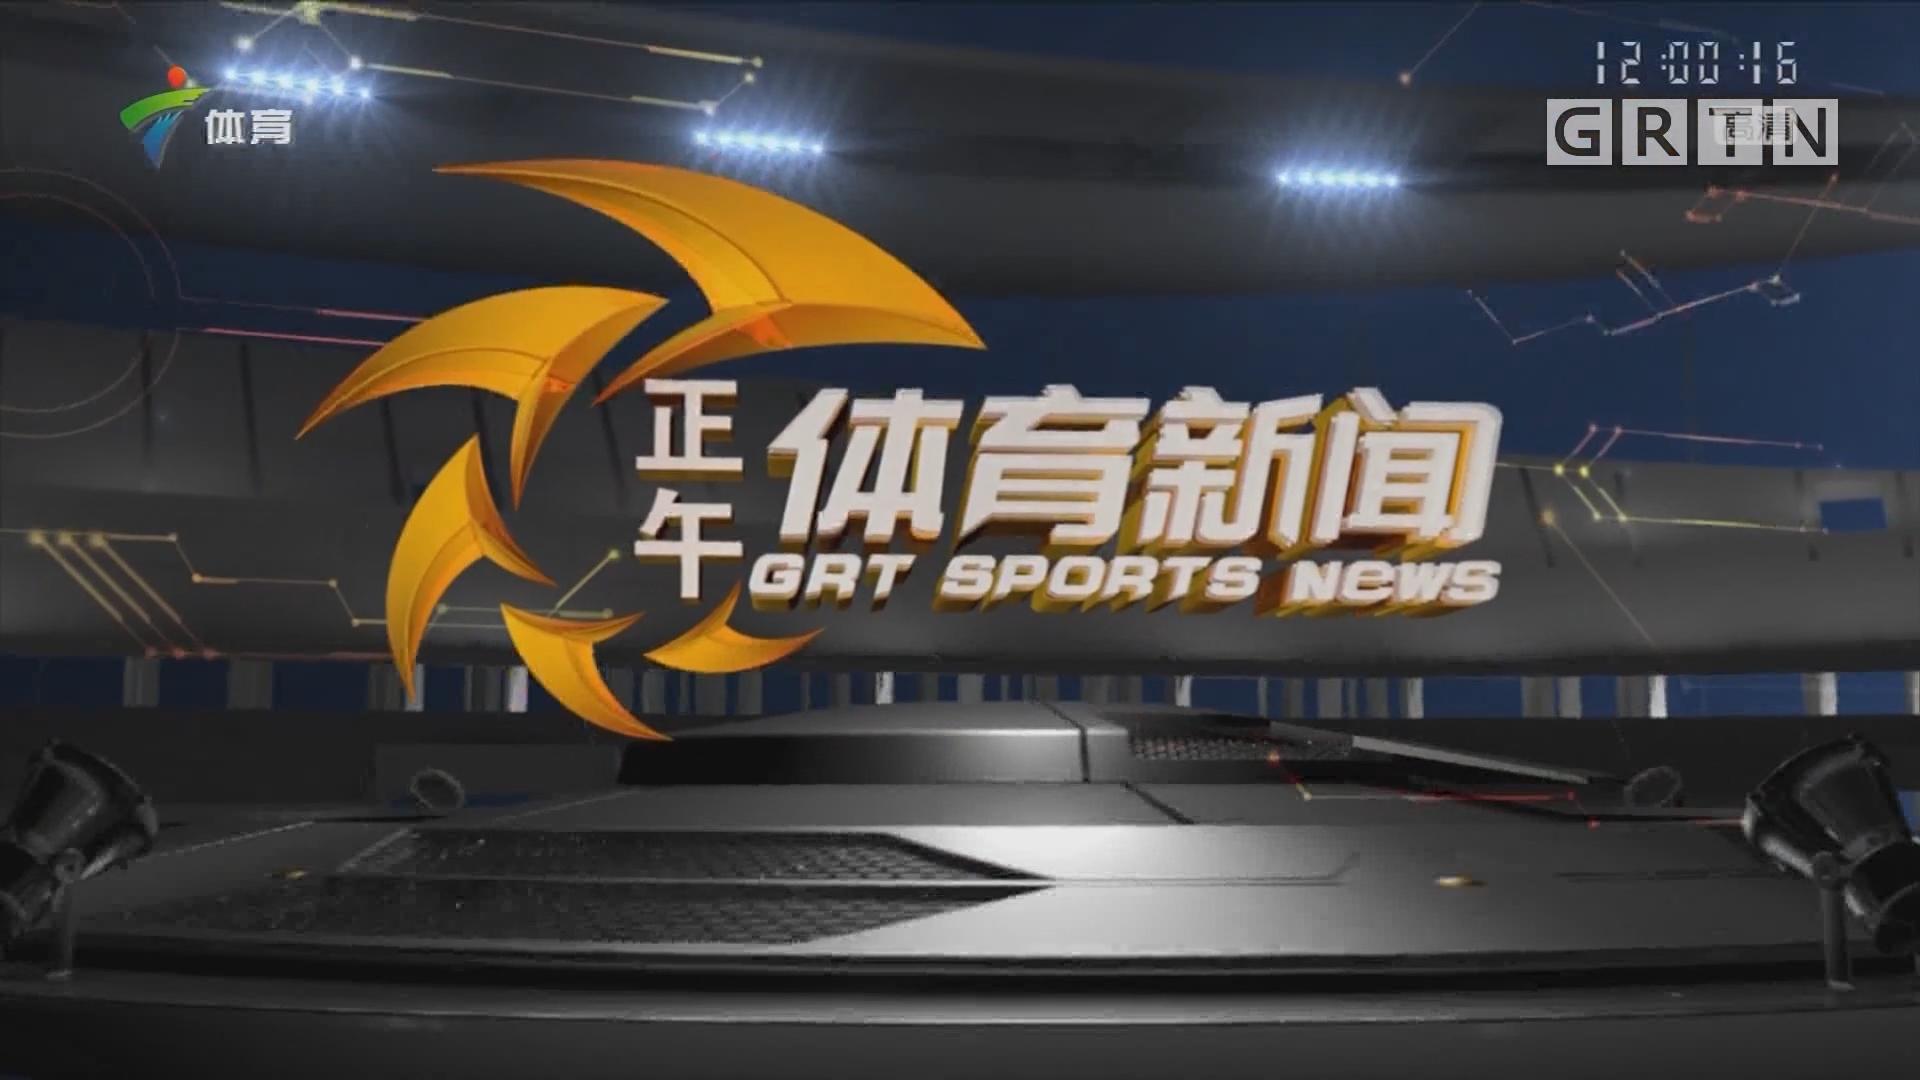 [HD][2019-07-21]正午体育新闻:埃神戴帽 广州恒大收获联赛十连胜